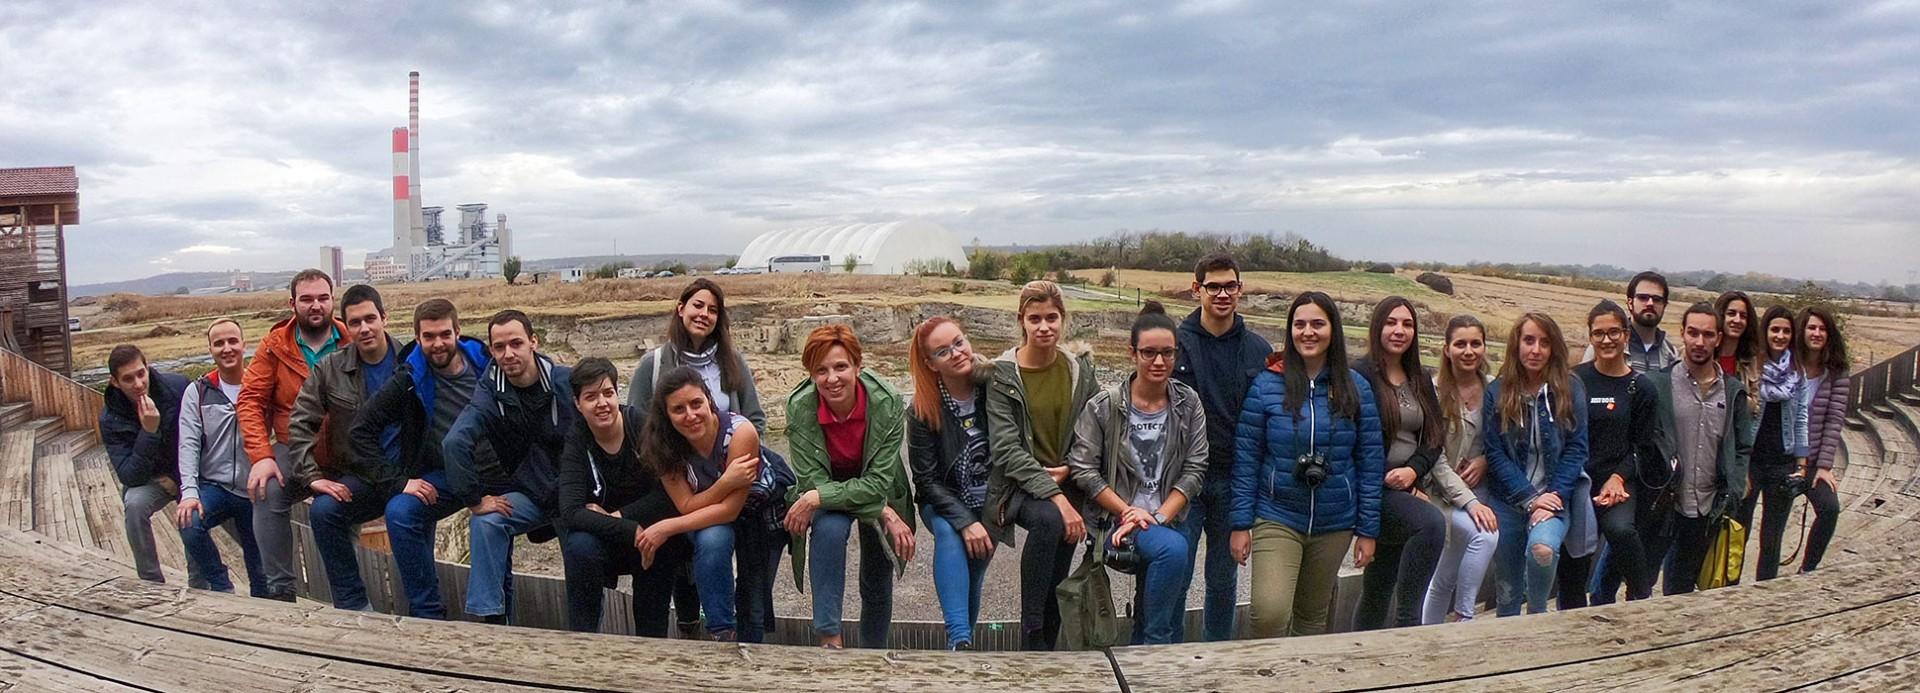 Посета студената и наставника археолошком локалитету Виминацијум